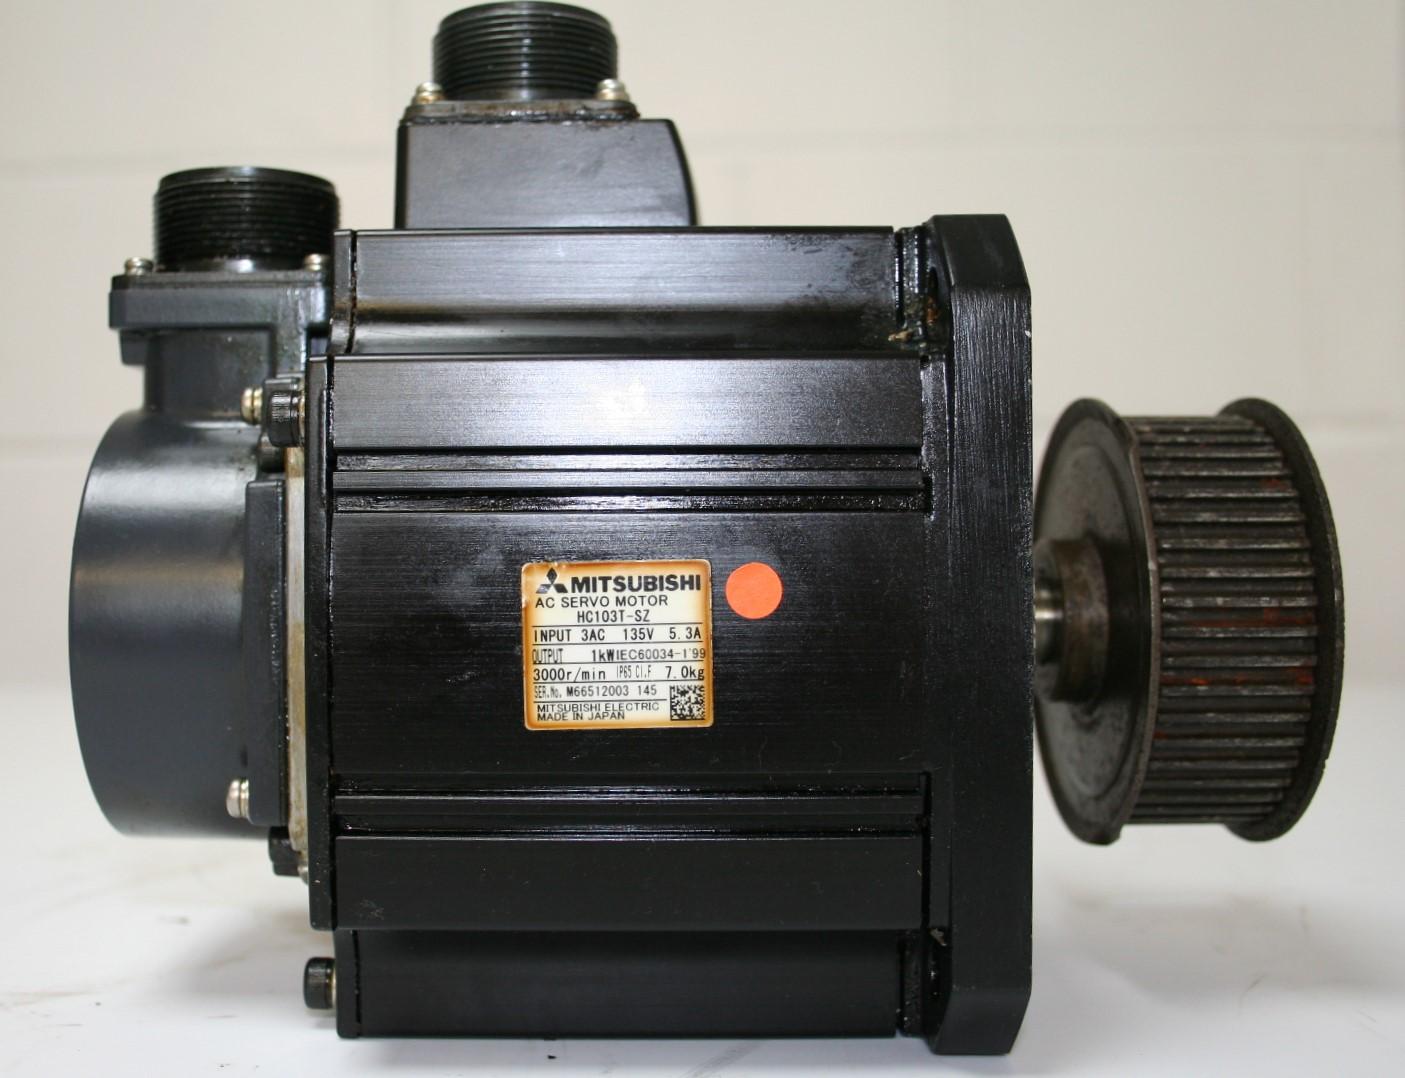 HC103T-C2 a